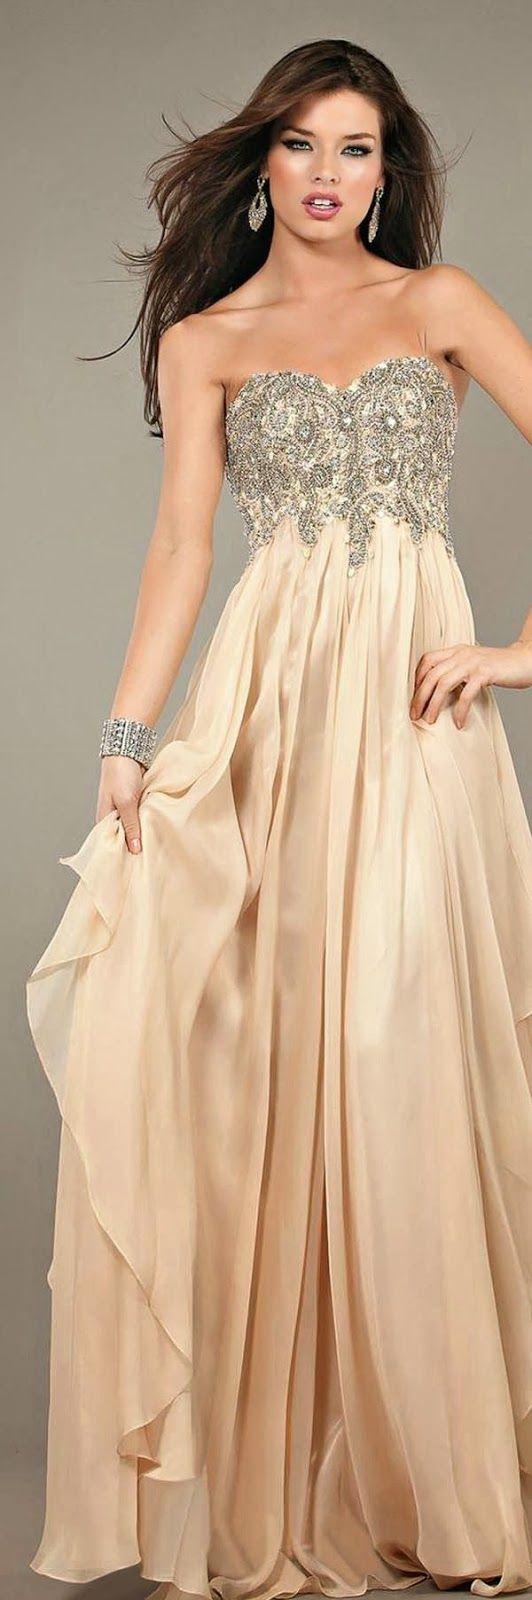 Maxi vestido para boda de noche y tambiénn de día #BodaTotal